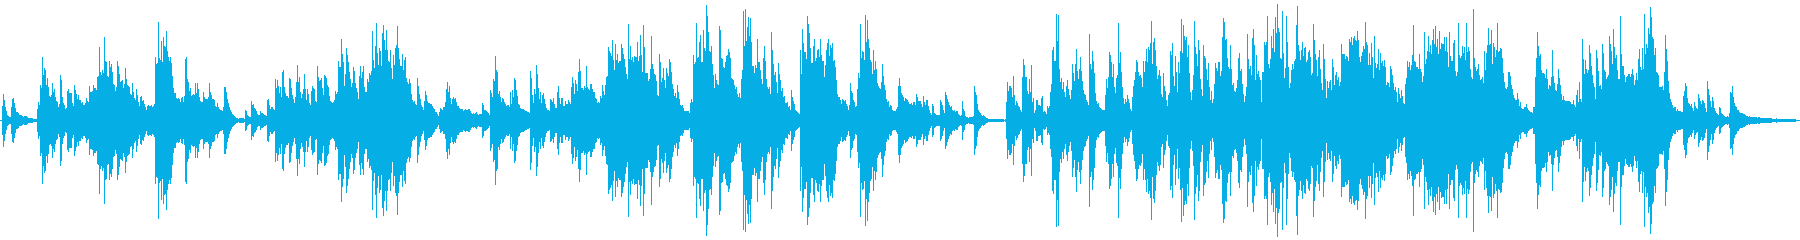 ミステリアな雰囲気のピアノバラードの再生済みの波形